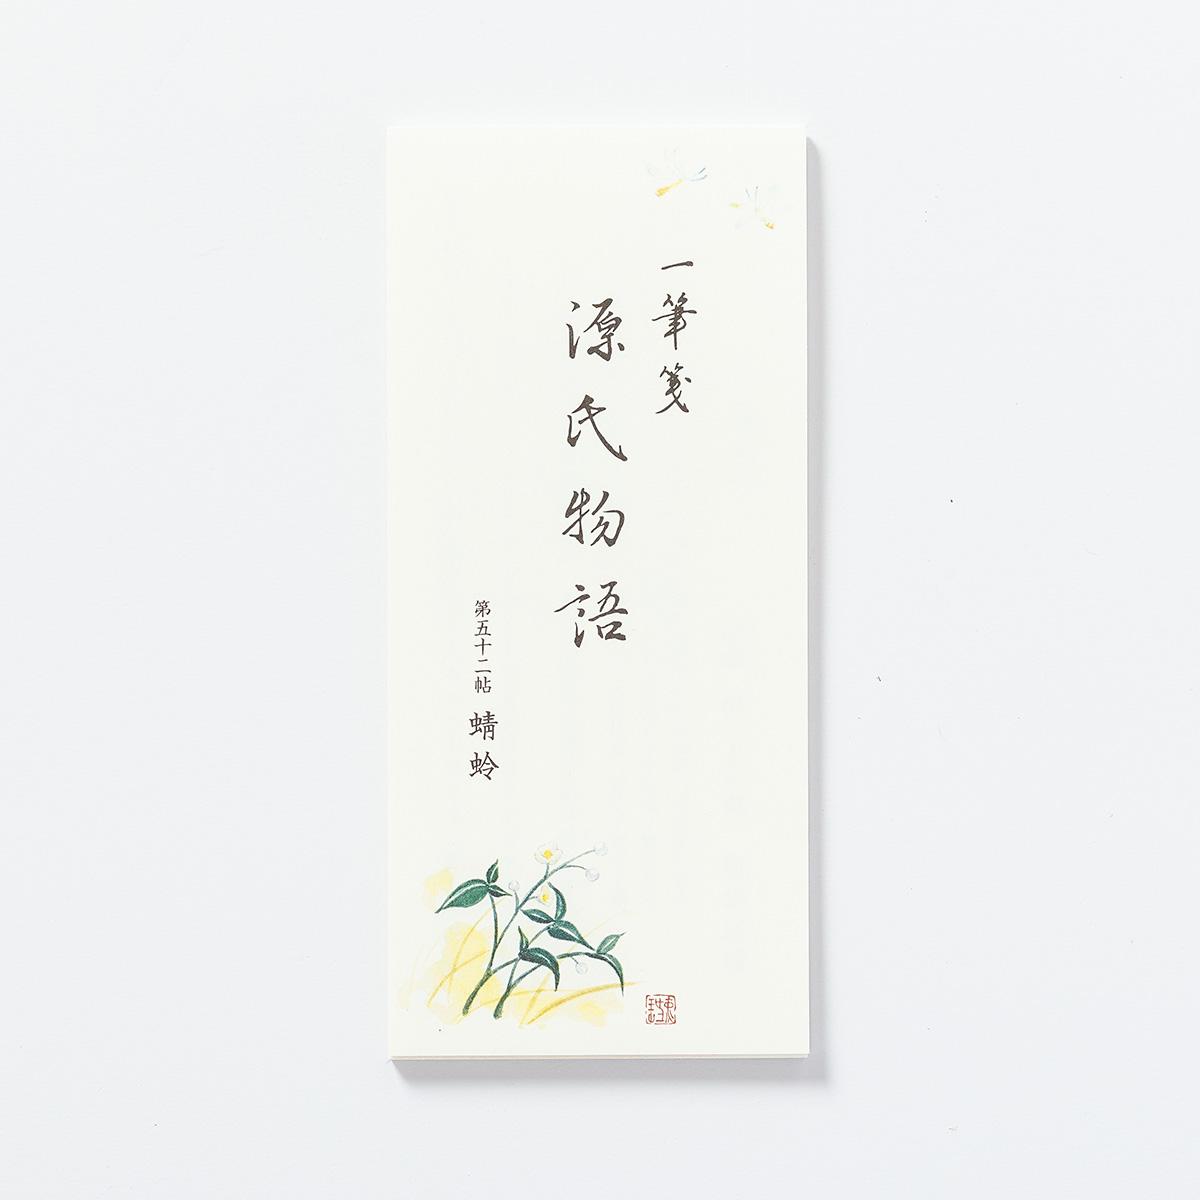 源氏物語一筆箋 第52帖「蜻蛉」